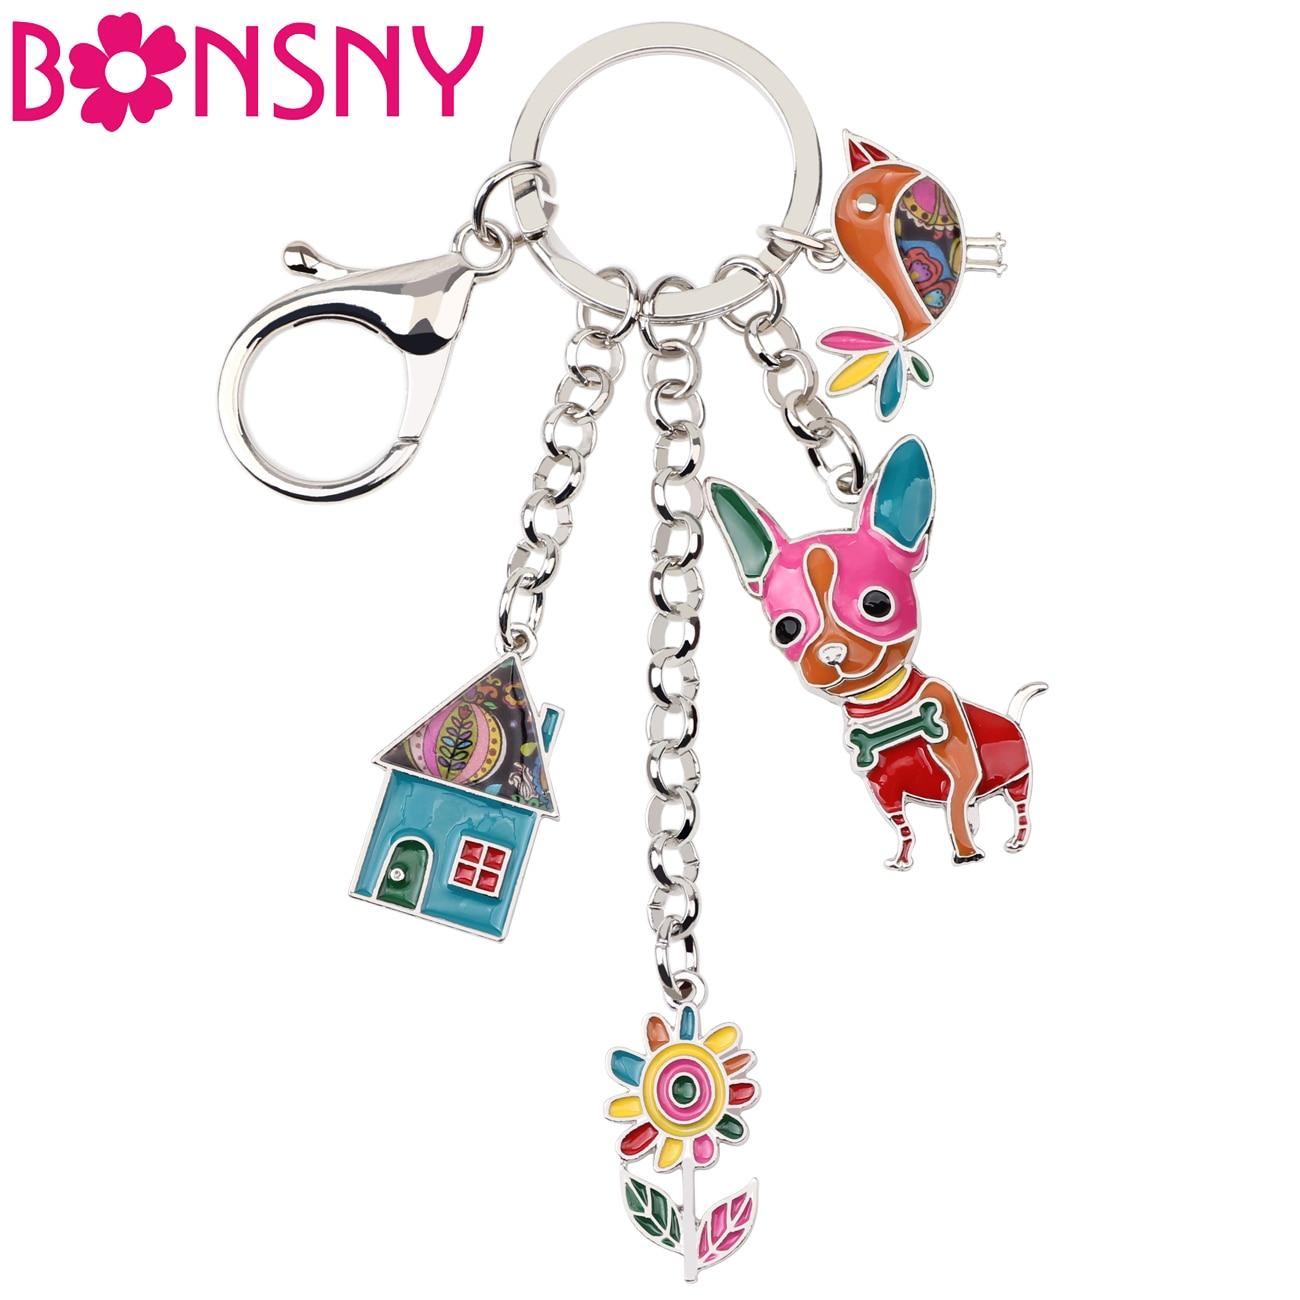 Bonsny Enamel Metal Chihuahua Dog Bird Flower House Key Chain Key Ring Bag Handbag Charm Man Key Holder Jewelry For Women